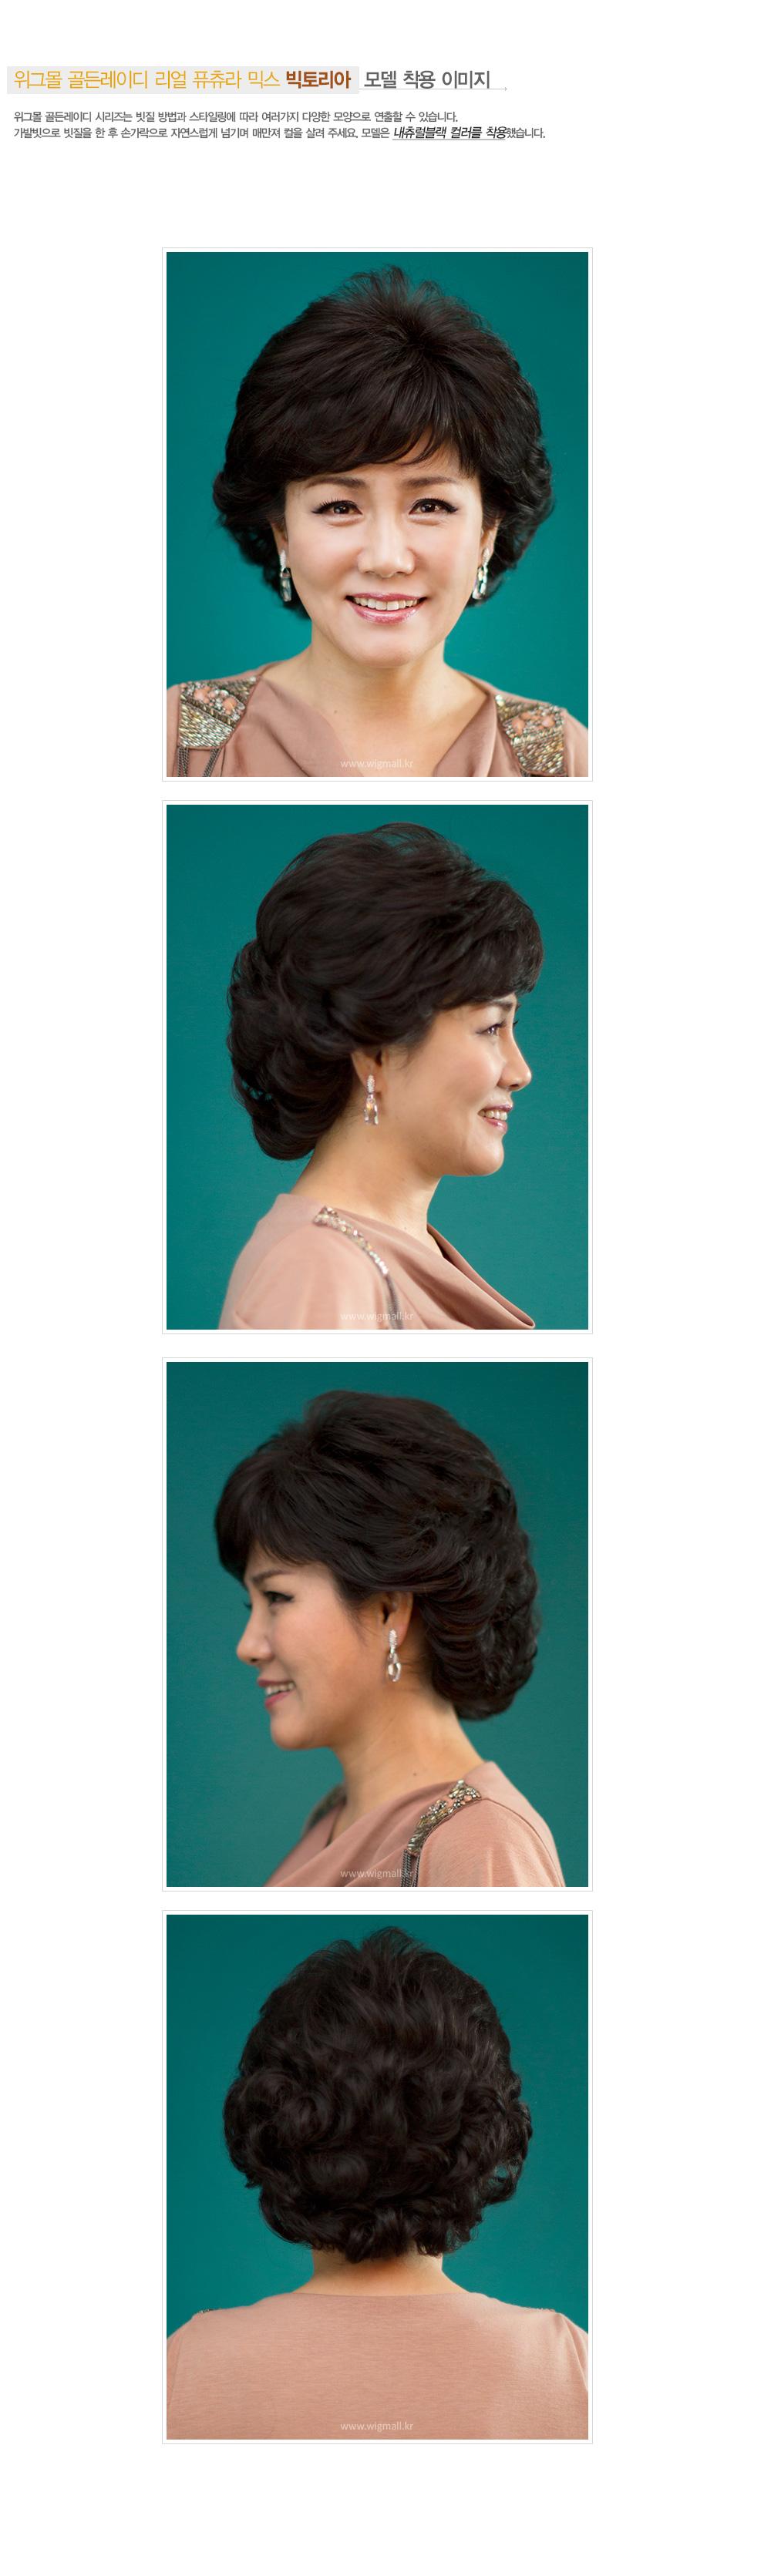 중년여성가발-빅토리아 인모믹스 - 위그몰, 174,500원, 가발, 전체가발